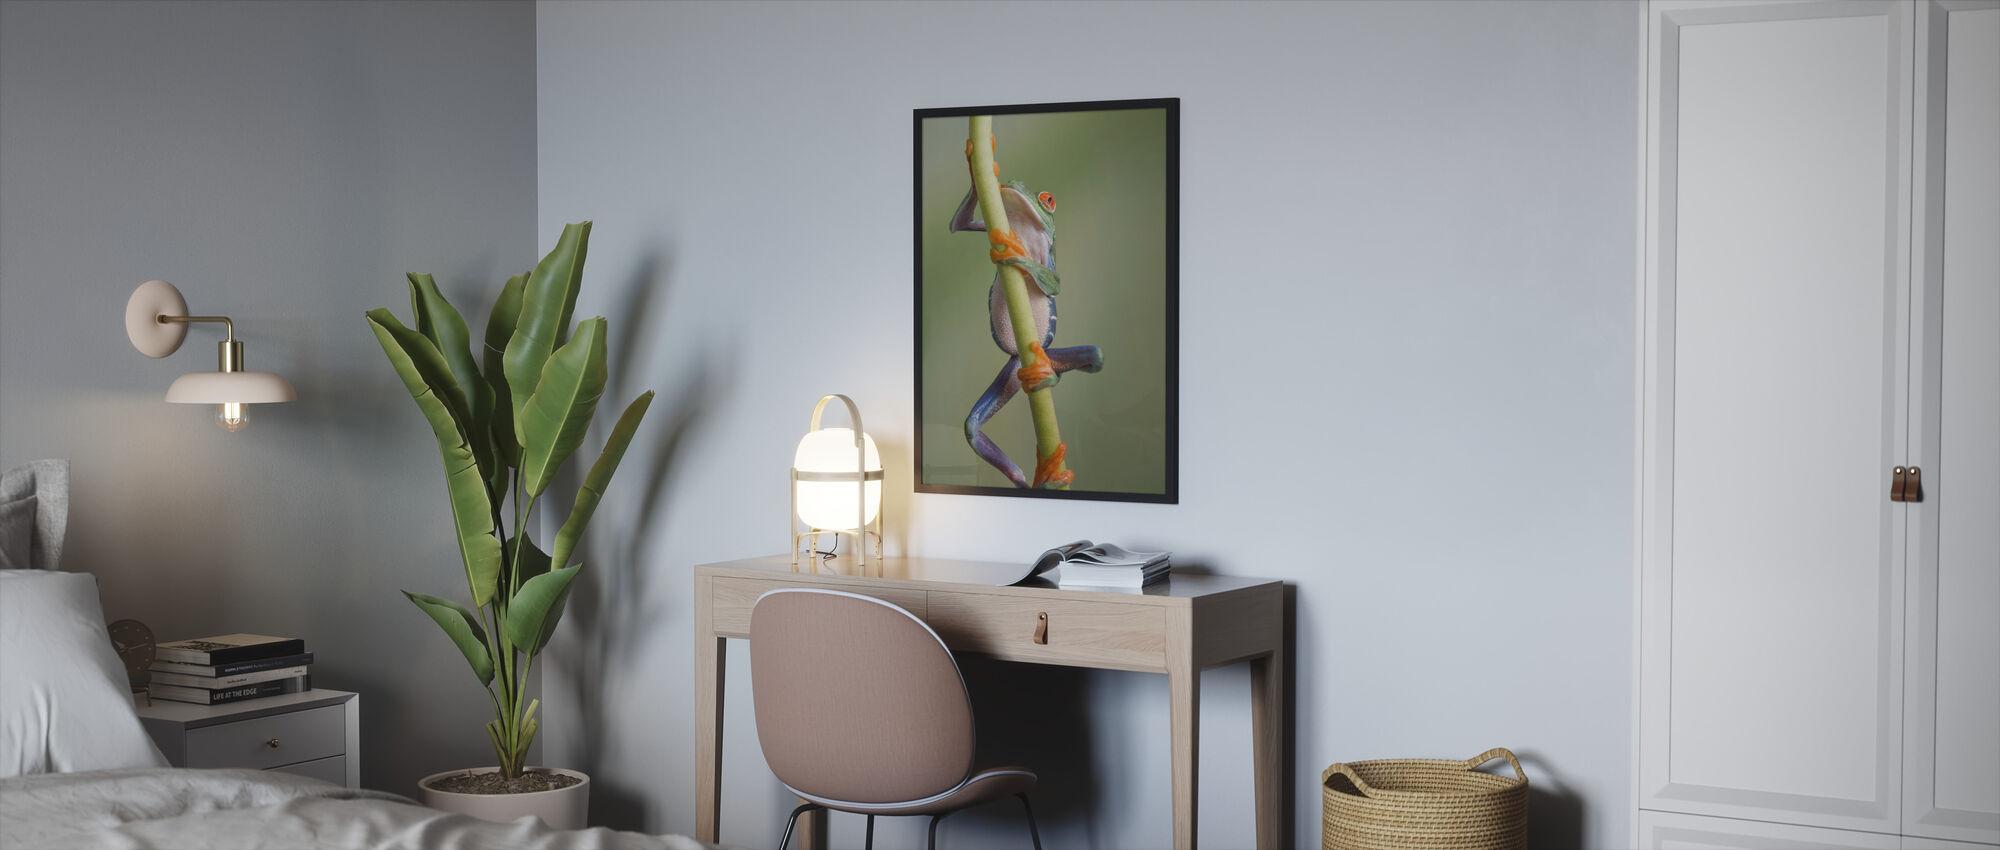 Ascending - Framed print - Bedroom